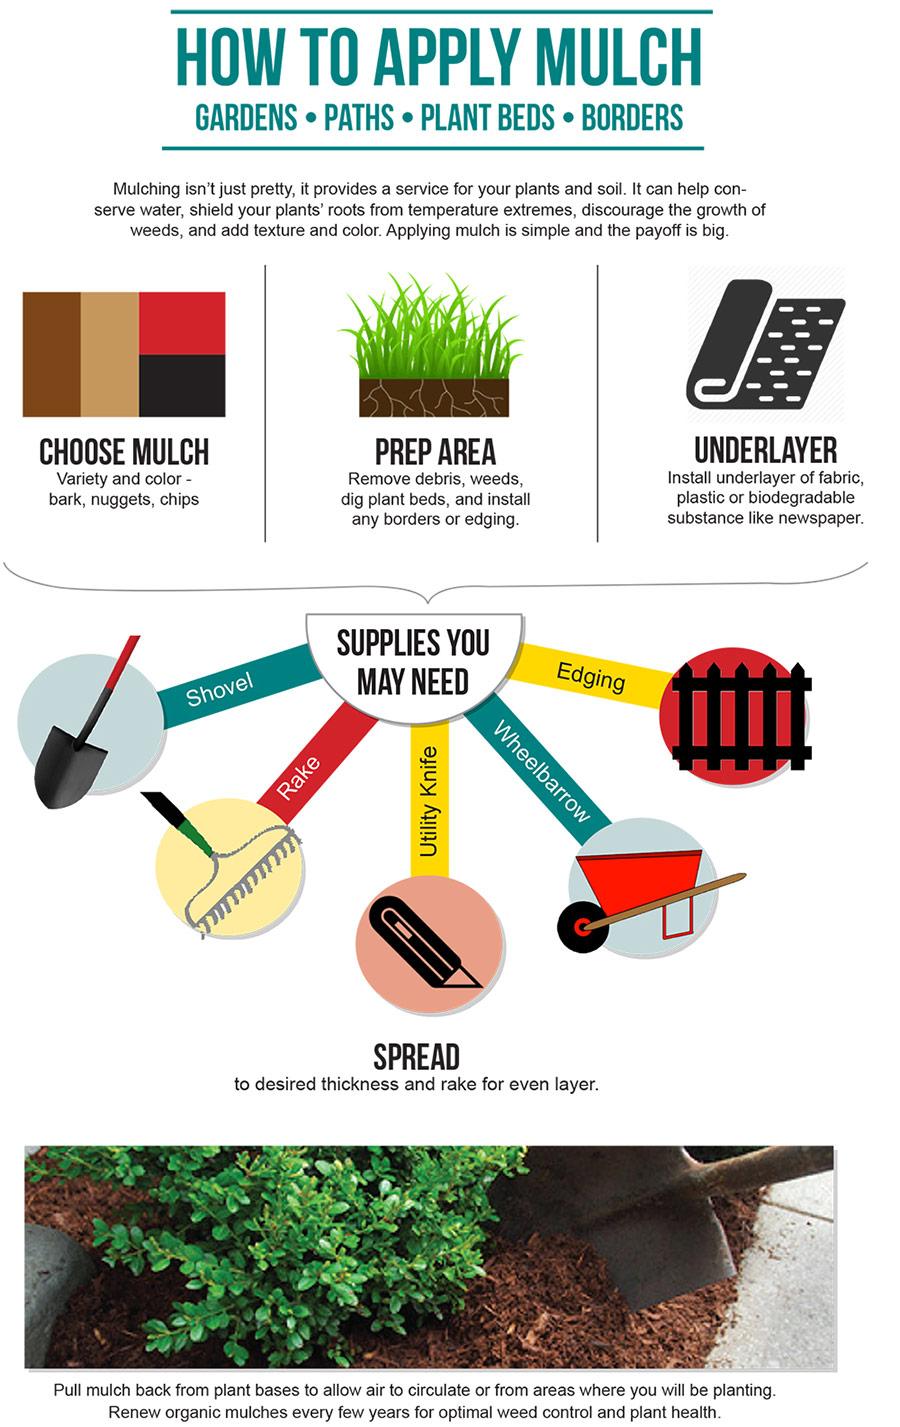 Lawn & Garden Infographic